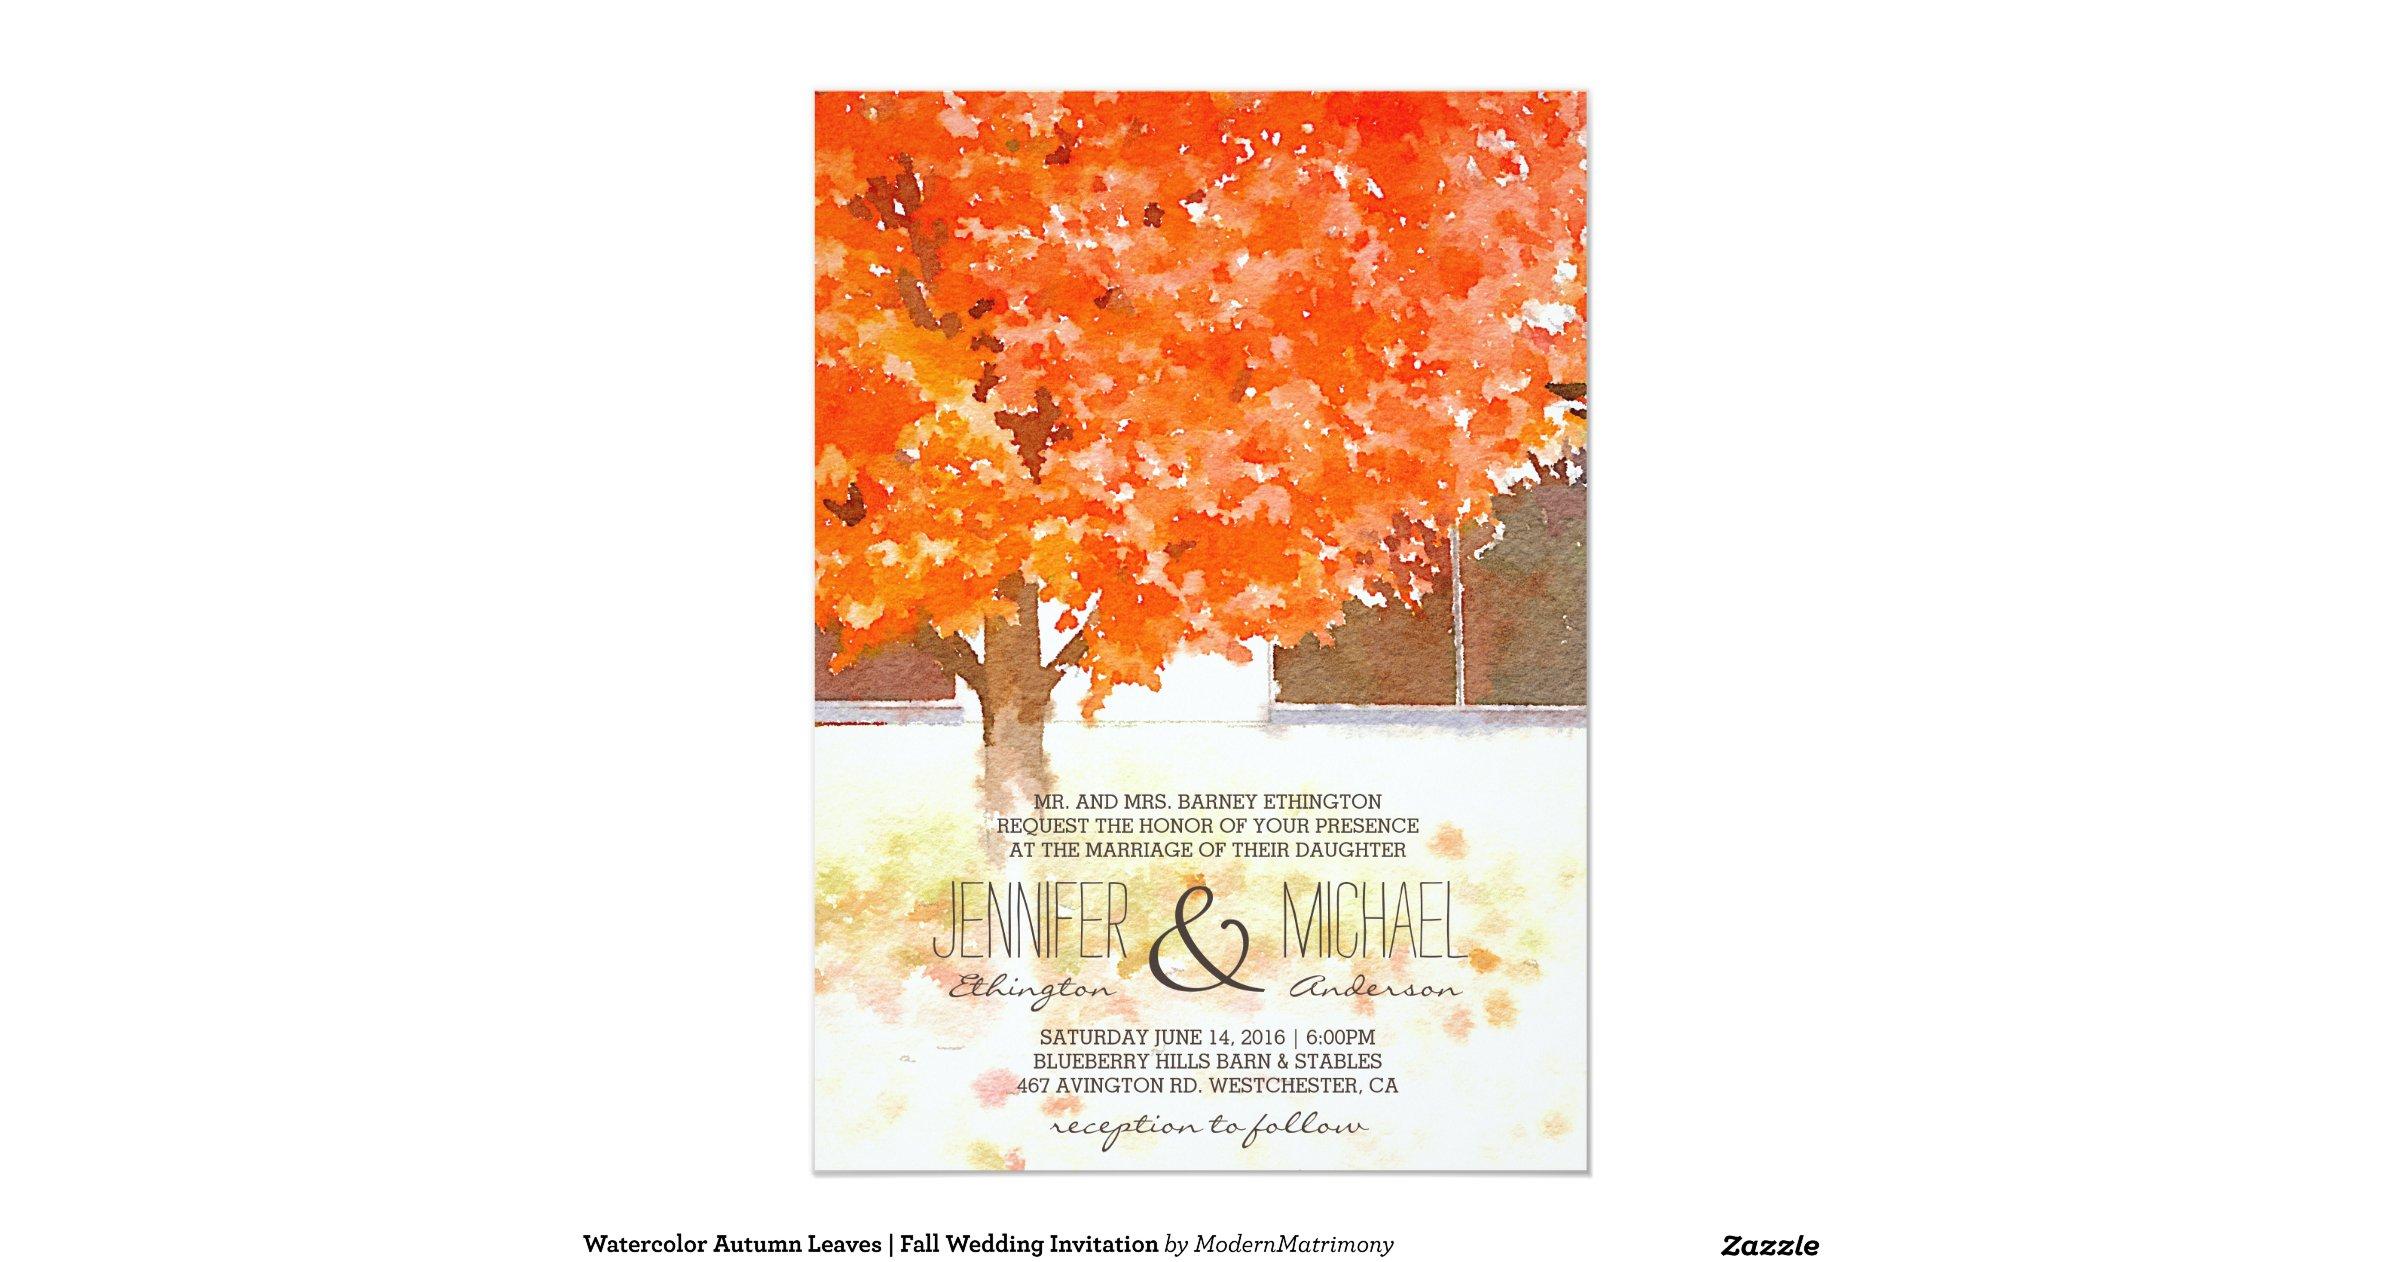 Watercolor Autumn Leaves Fall Wedding Invitation R542cbf8bf8e54ca09bd98dc917ce43f8 Zkrqs 1200